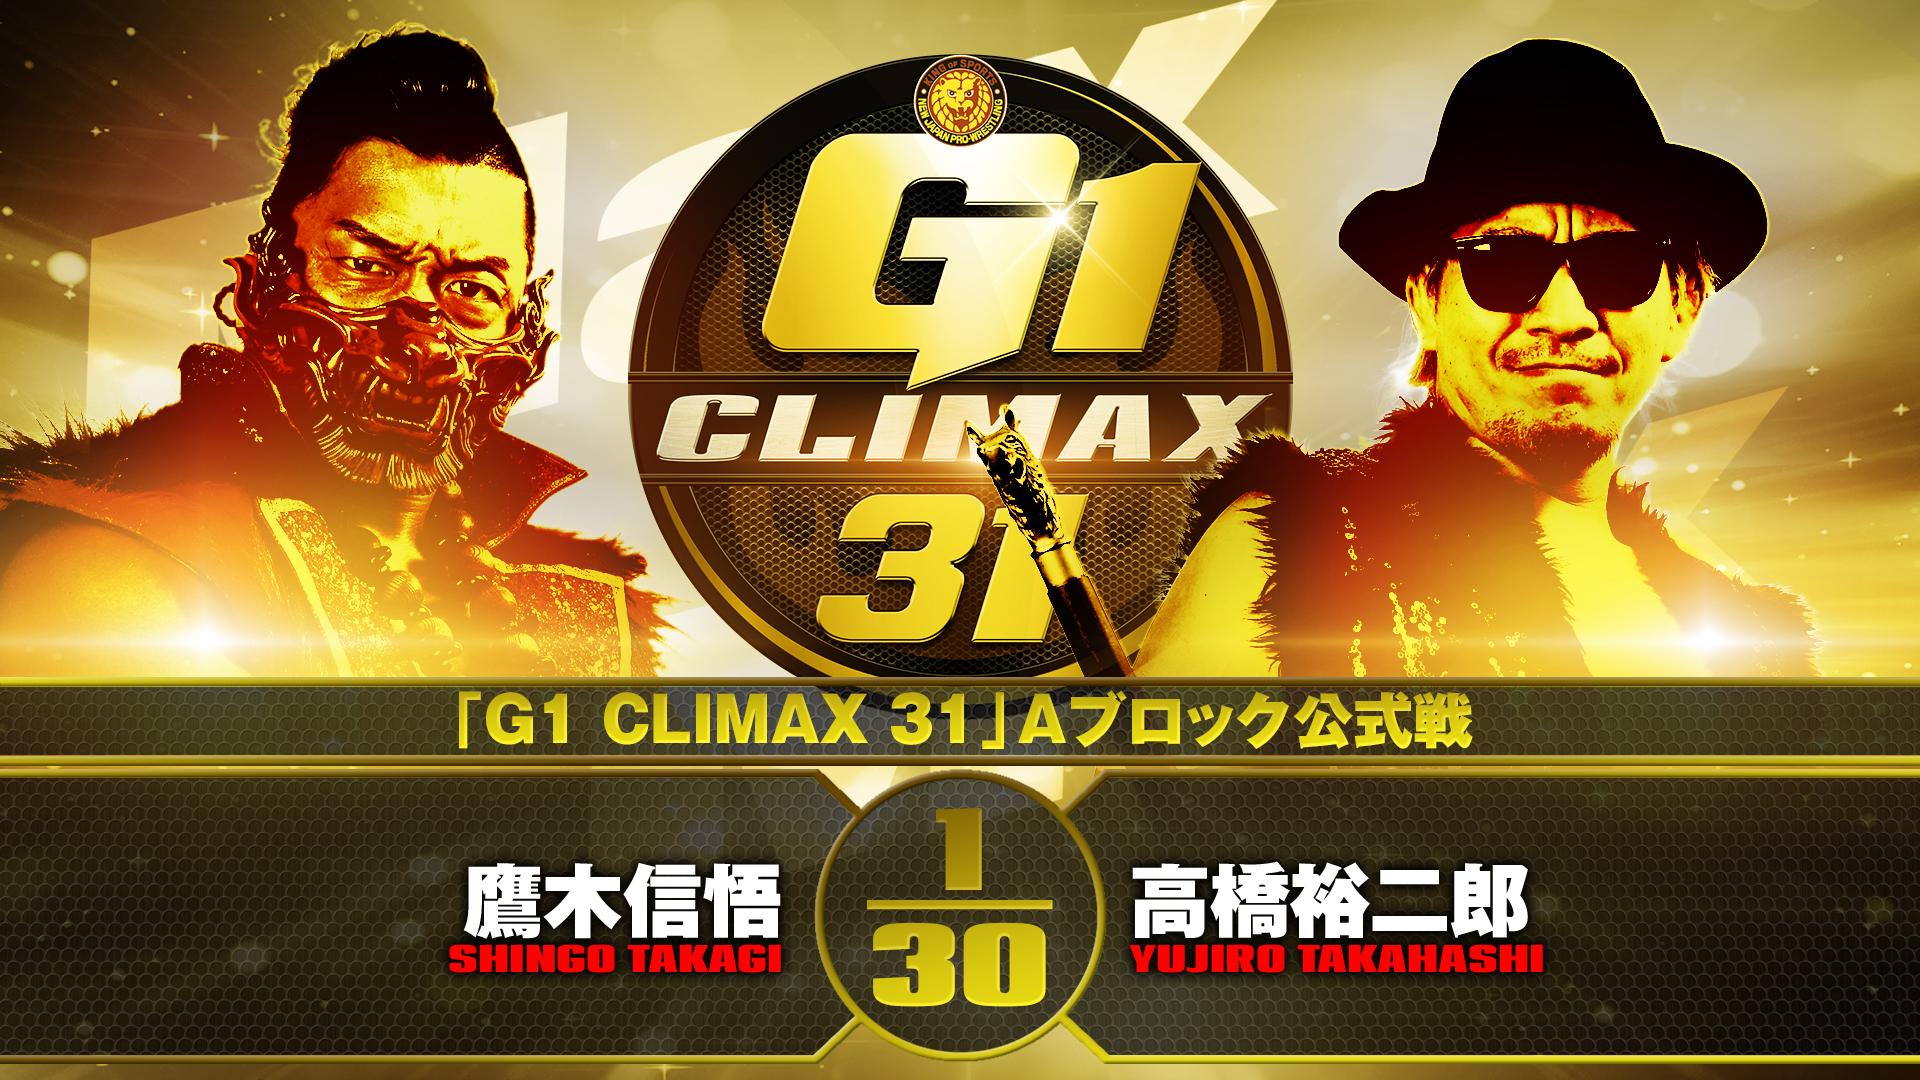 【第3試合】結果速報!新日本プロレス 2021年10月18日『G1 CLIMAX 31』